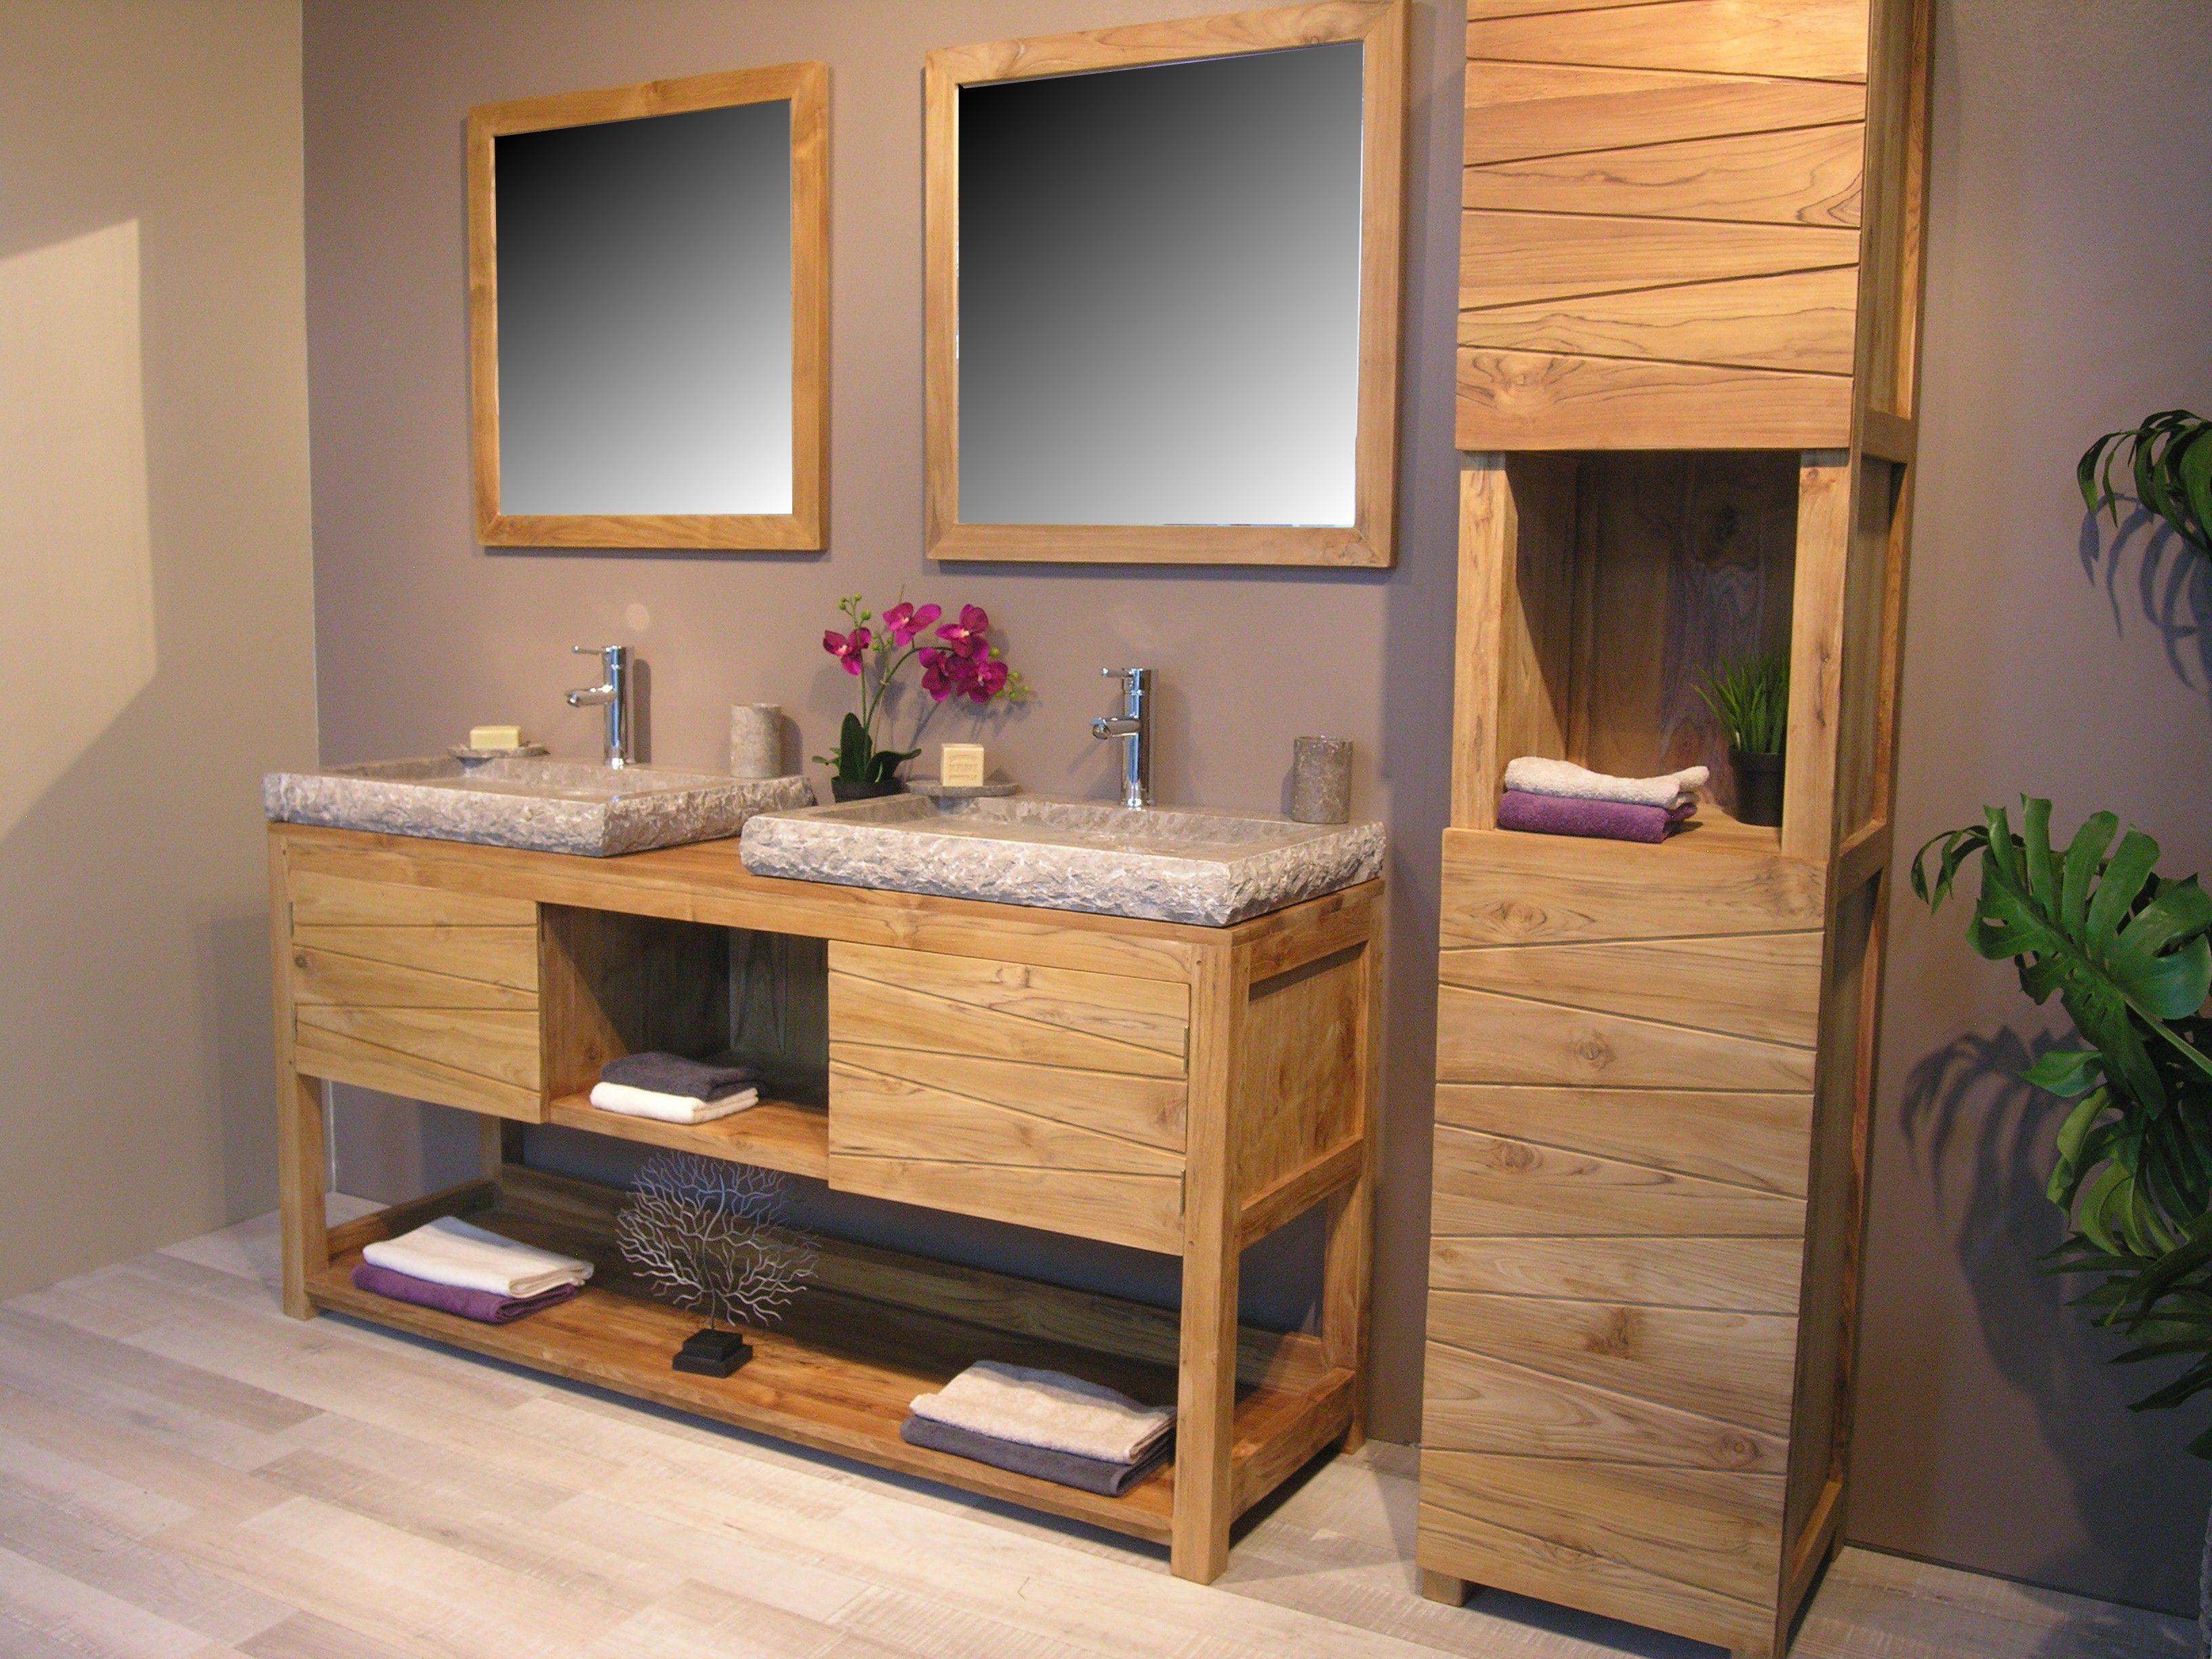 Evier Salle De Bain Ikea Unique Images Meuble Pour Vasque 17 De Salle Bain Sans Nouvelles Idees A Poser